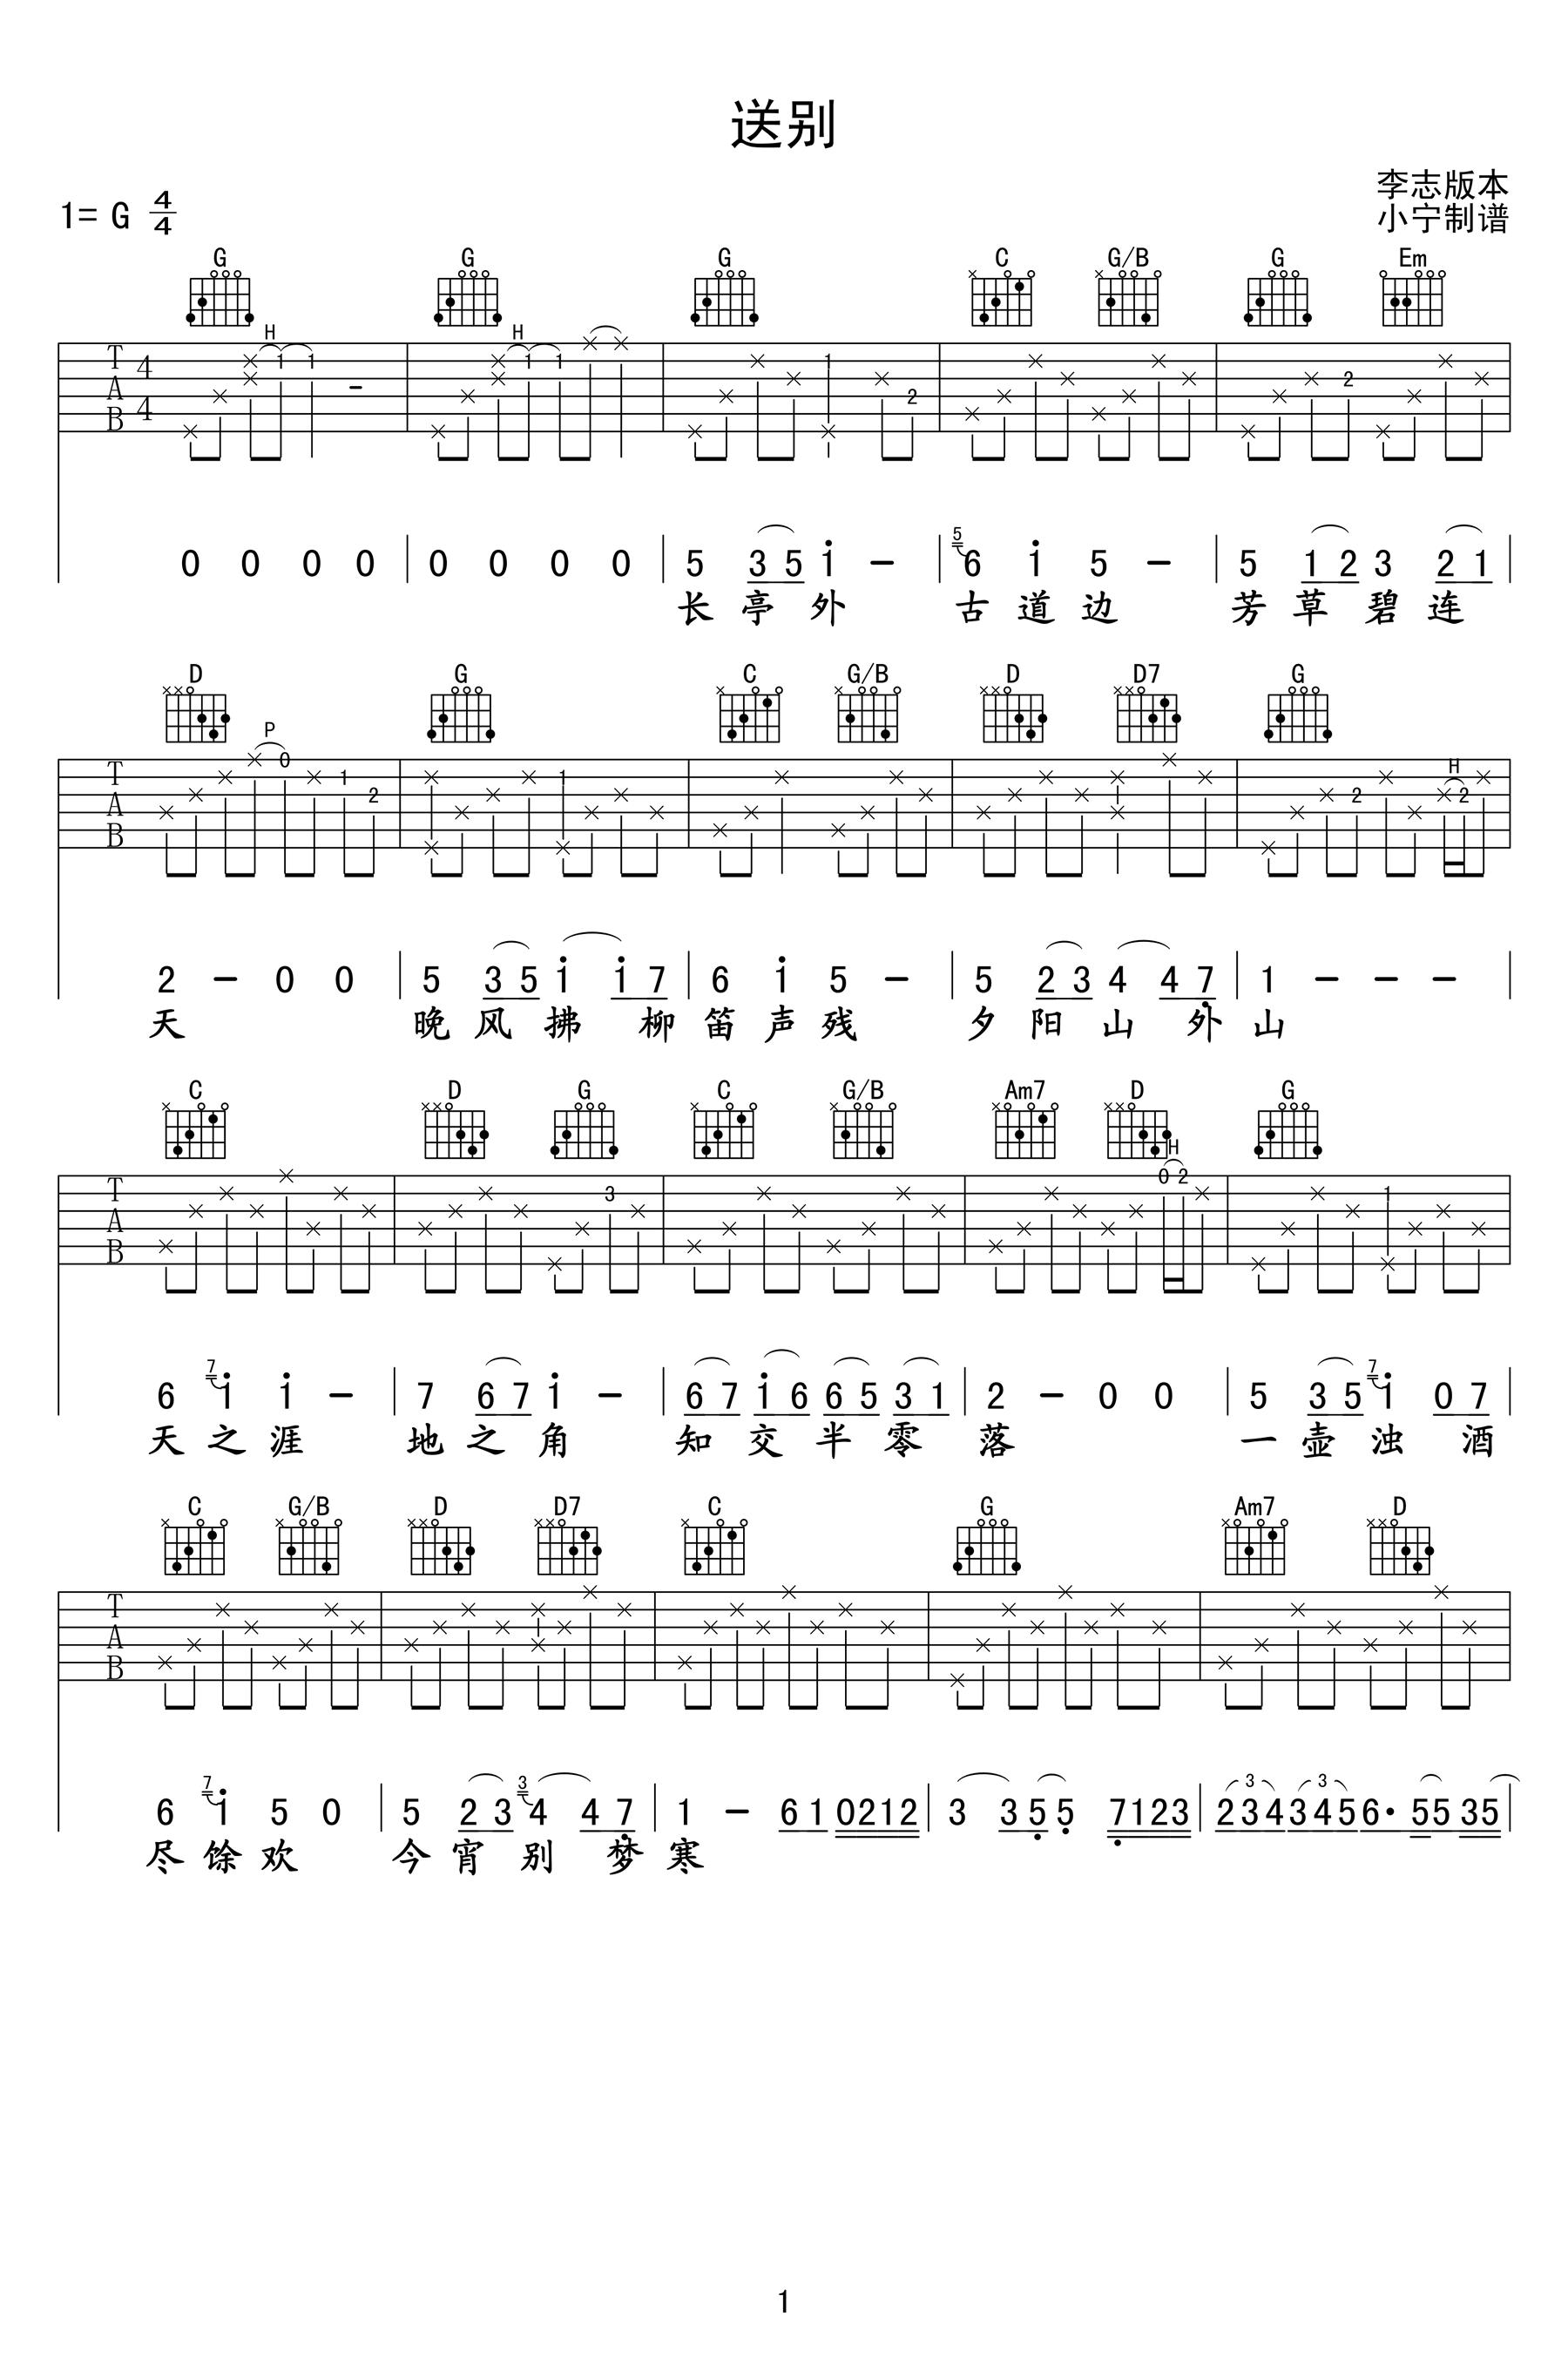 送别吉他谱_李志版本_G调弹唱谱_高清图片谱-吉他谱-C大调音乐网